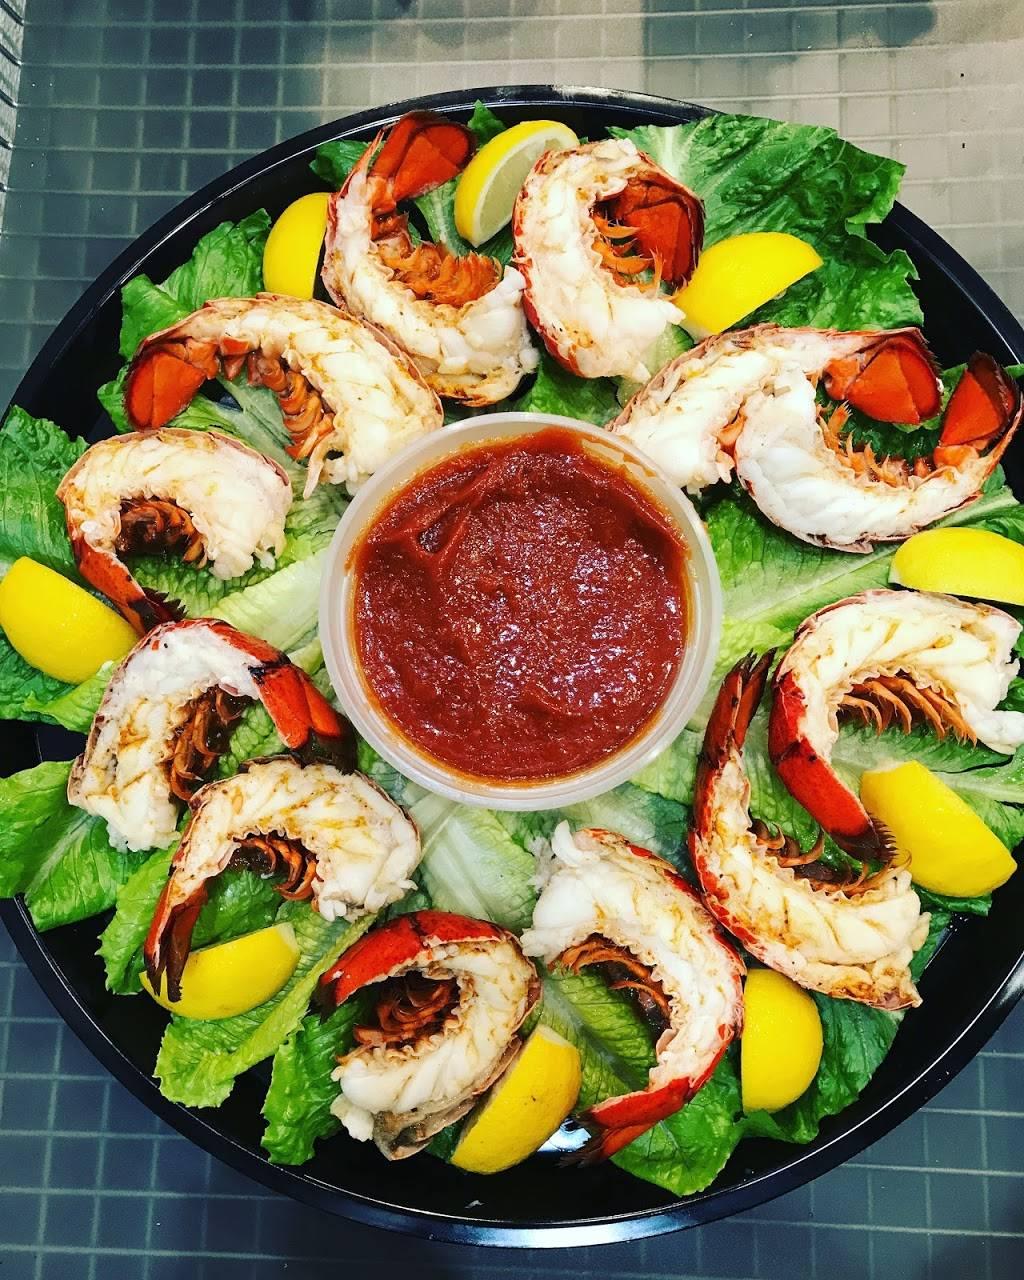 Jacks Lobster Shack Edgewater | restaurant | 1040 River Rd, Edgewater, NJ 07020, USA | 2012242808 OR +1 201-224-2808